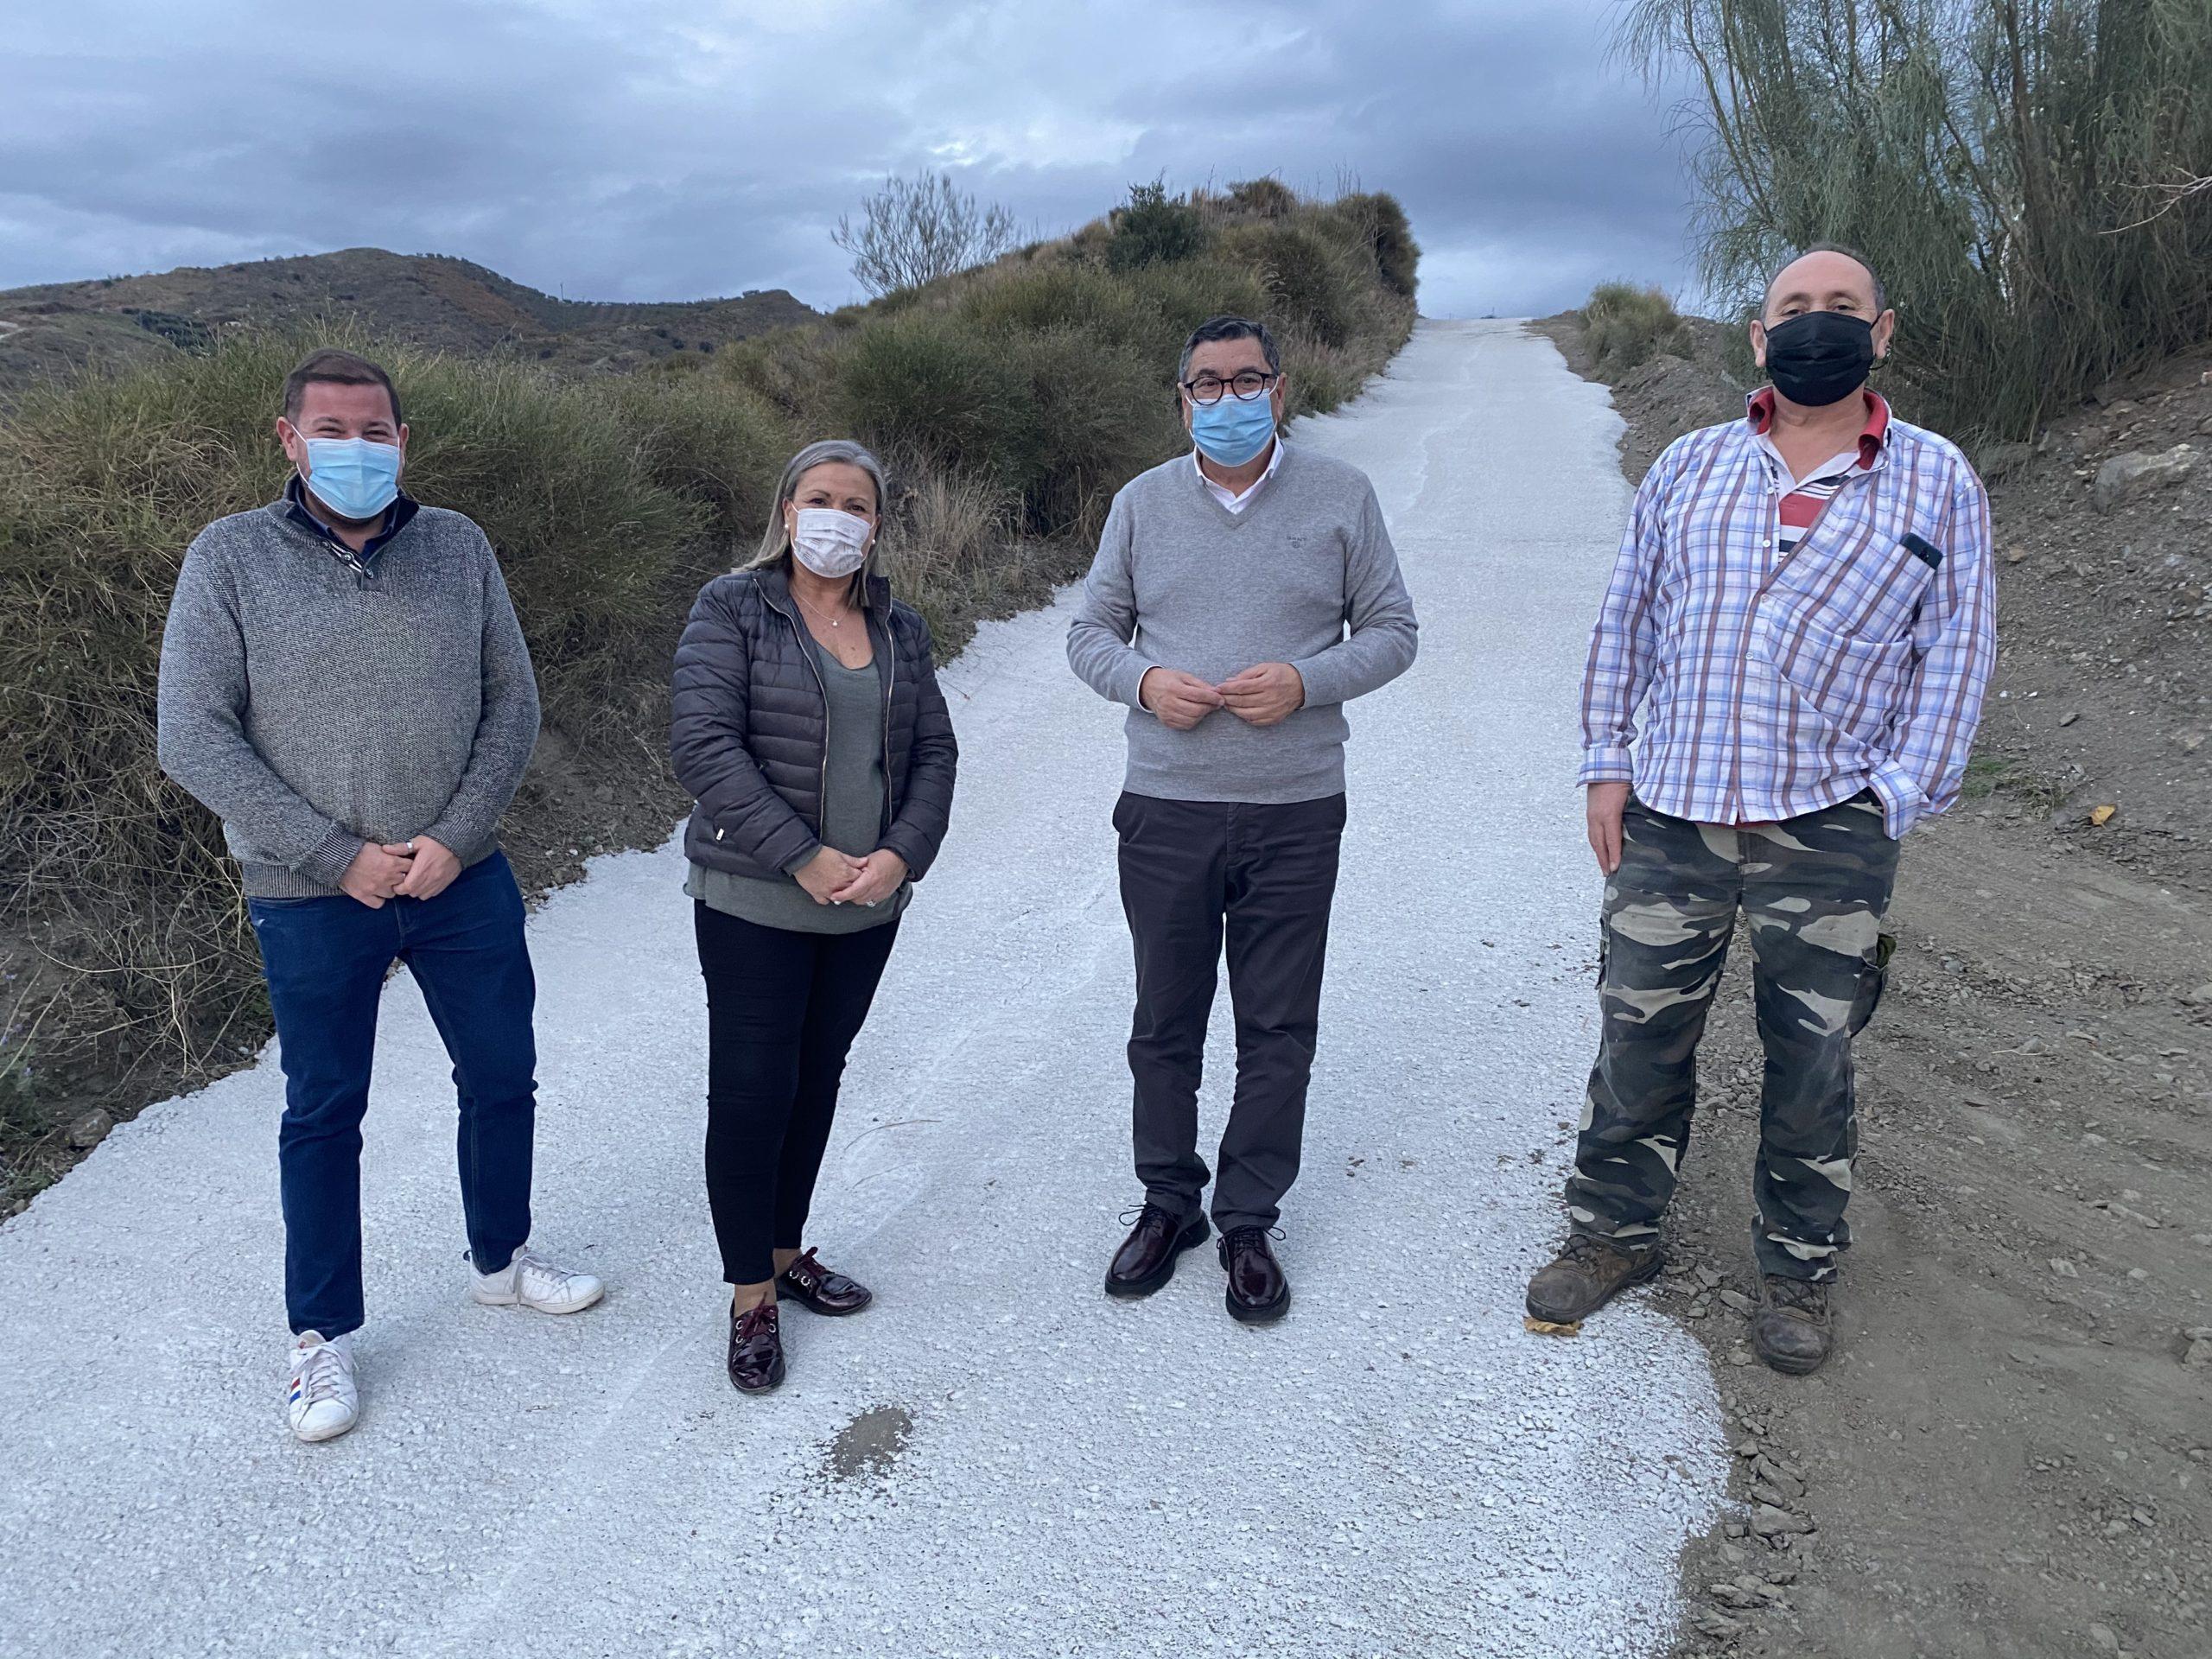 El alcalde de Vélez-Málaga, Antonio Moreno Ferrer, y la concejala delegada en Triana, Lola Gámez, visitaron las obras del carril, conocido también como el 'carril de La Residencia'.